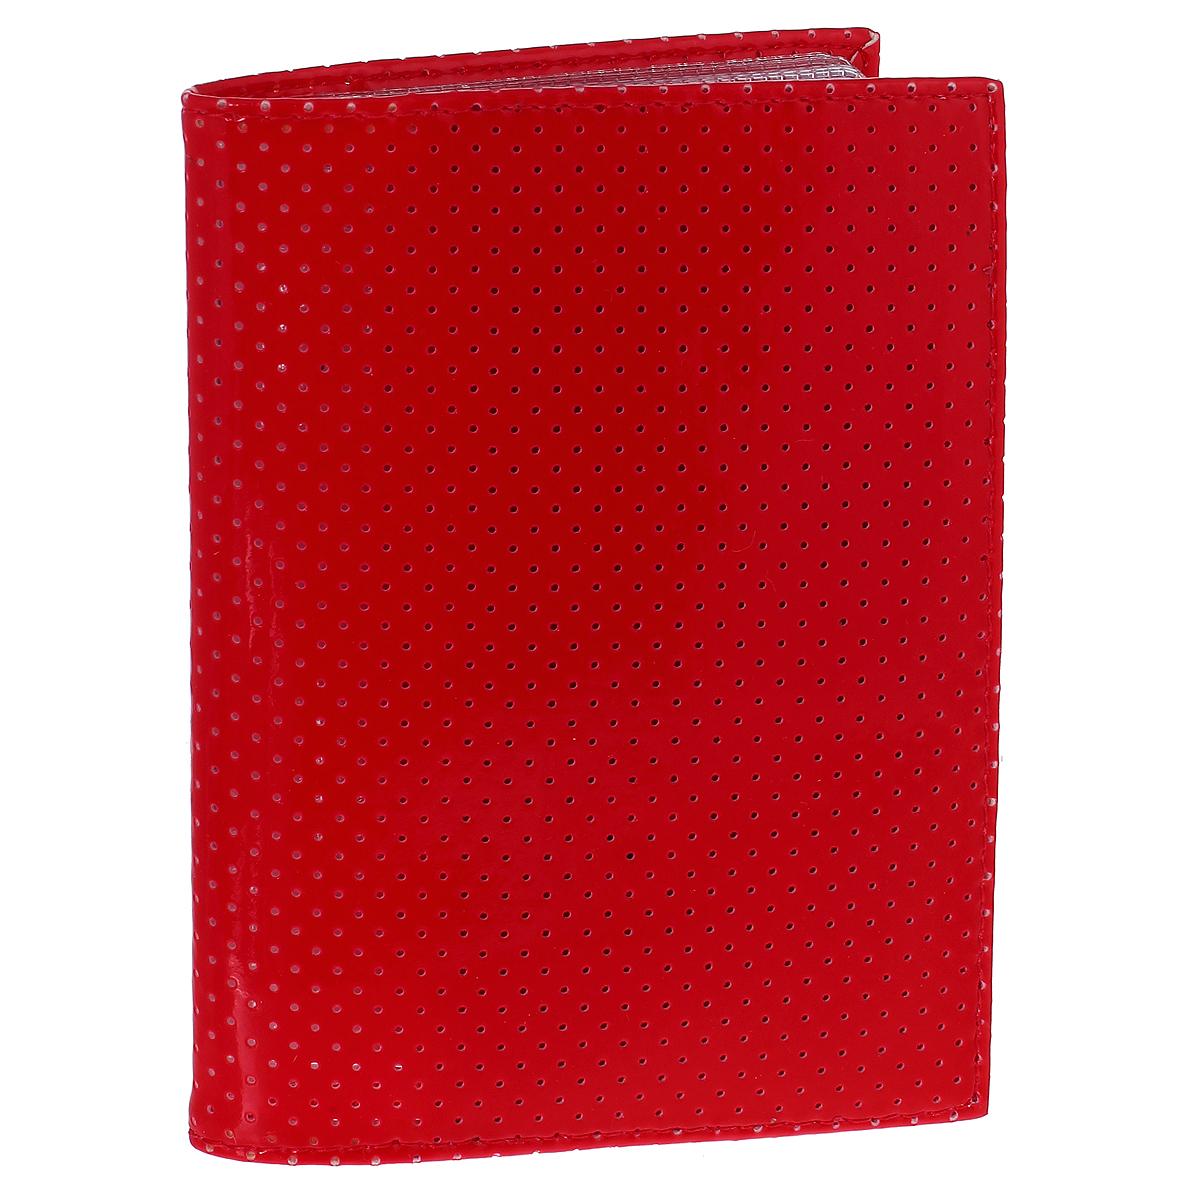 Бумажник водителя Dimanche, цвет: красный. 229/10551Бумажник водителя Dimanche изготовлен из искусственной лакированной кожи красного цвета, оформленной мелкой перфорацией. Внутри содержится съемный блок из пяти прозрачных пластиковых файлов. Также имеется четыре кармашка для пластиковых карт и гнездо для сим-карты. Стильный бумажник не только поможет сохранить внешний вид ваших документов и защити их от грязи и пыли, но и станет стильным аксессуаром, идеально подходящим вашему образу.